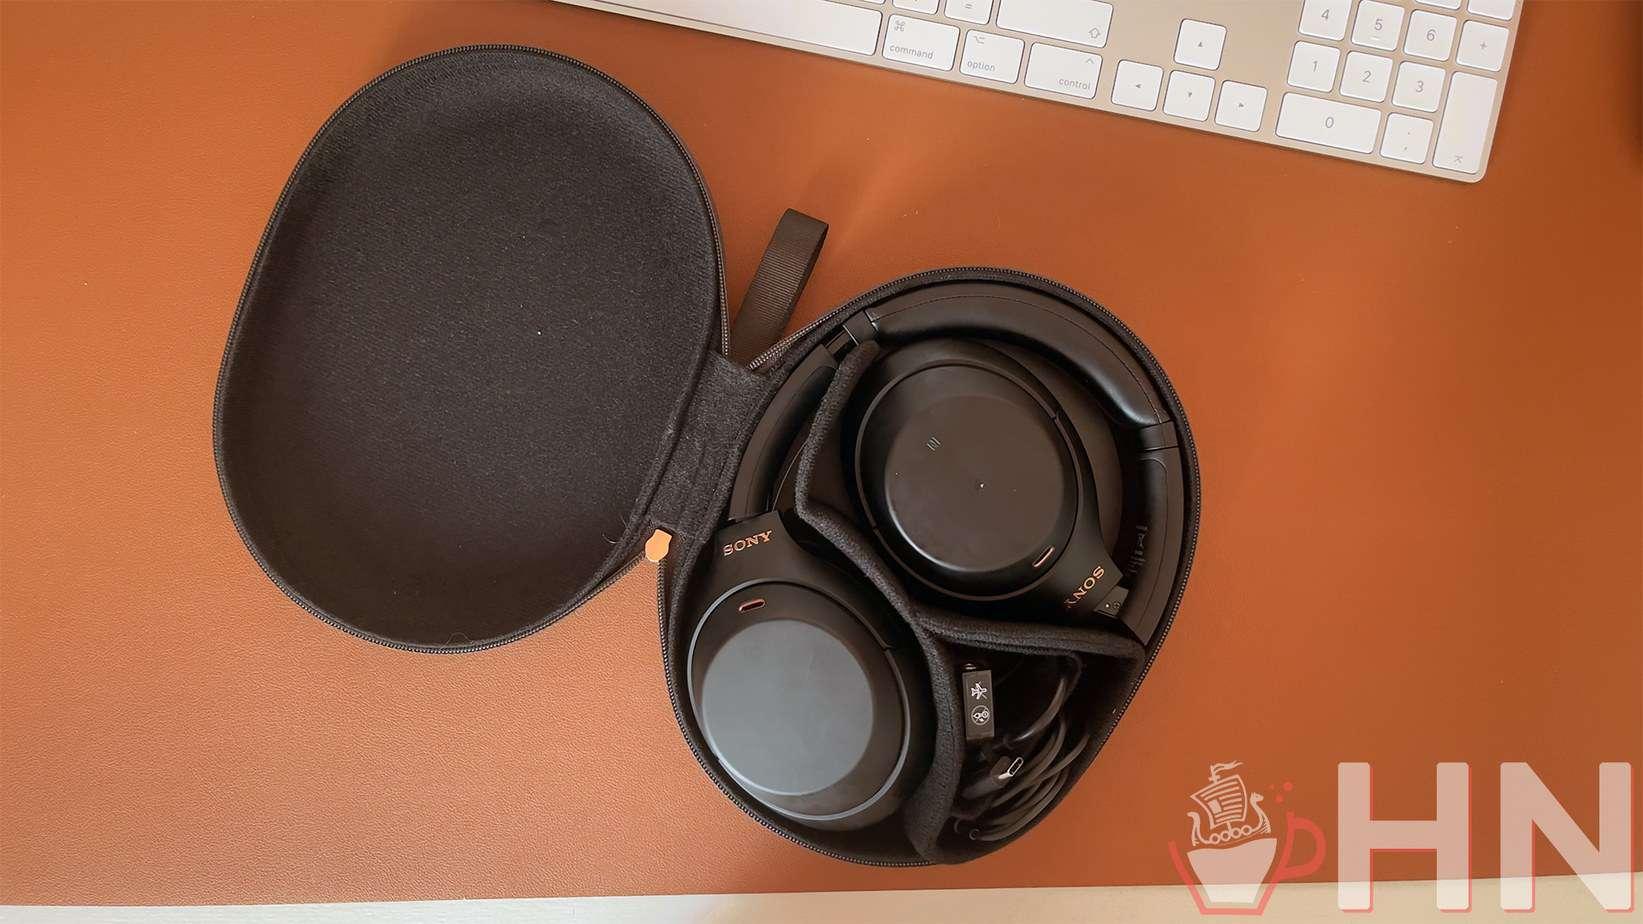 Le casque de Sony est fourni avec sa boite de transport, son adaptateur pour l'avion, son câble USB-C et son câble mini-jack.